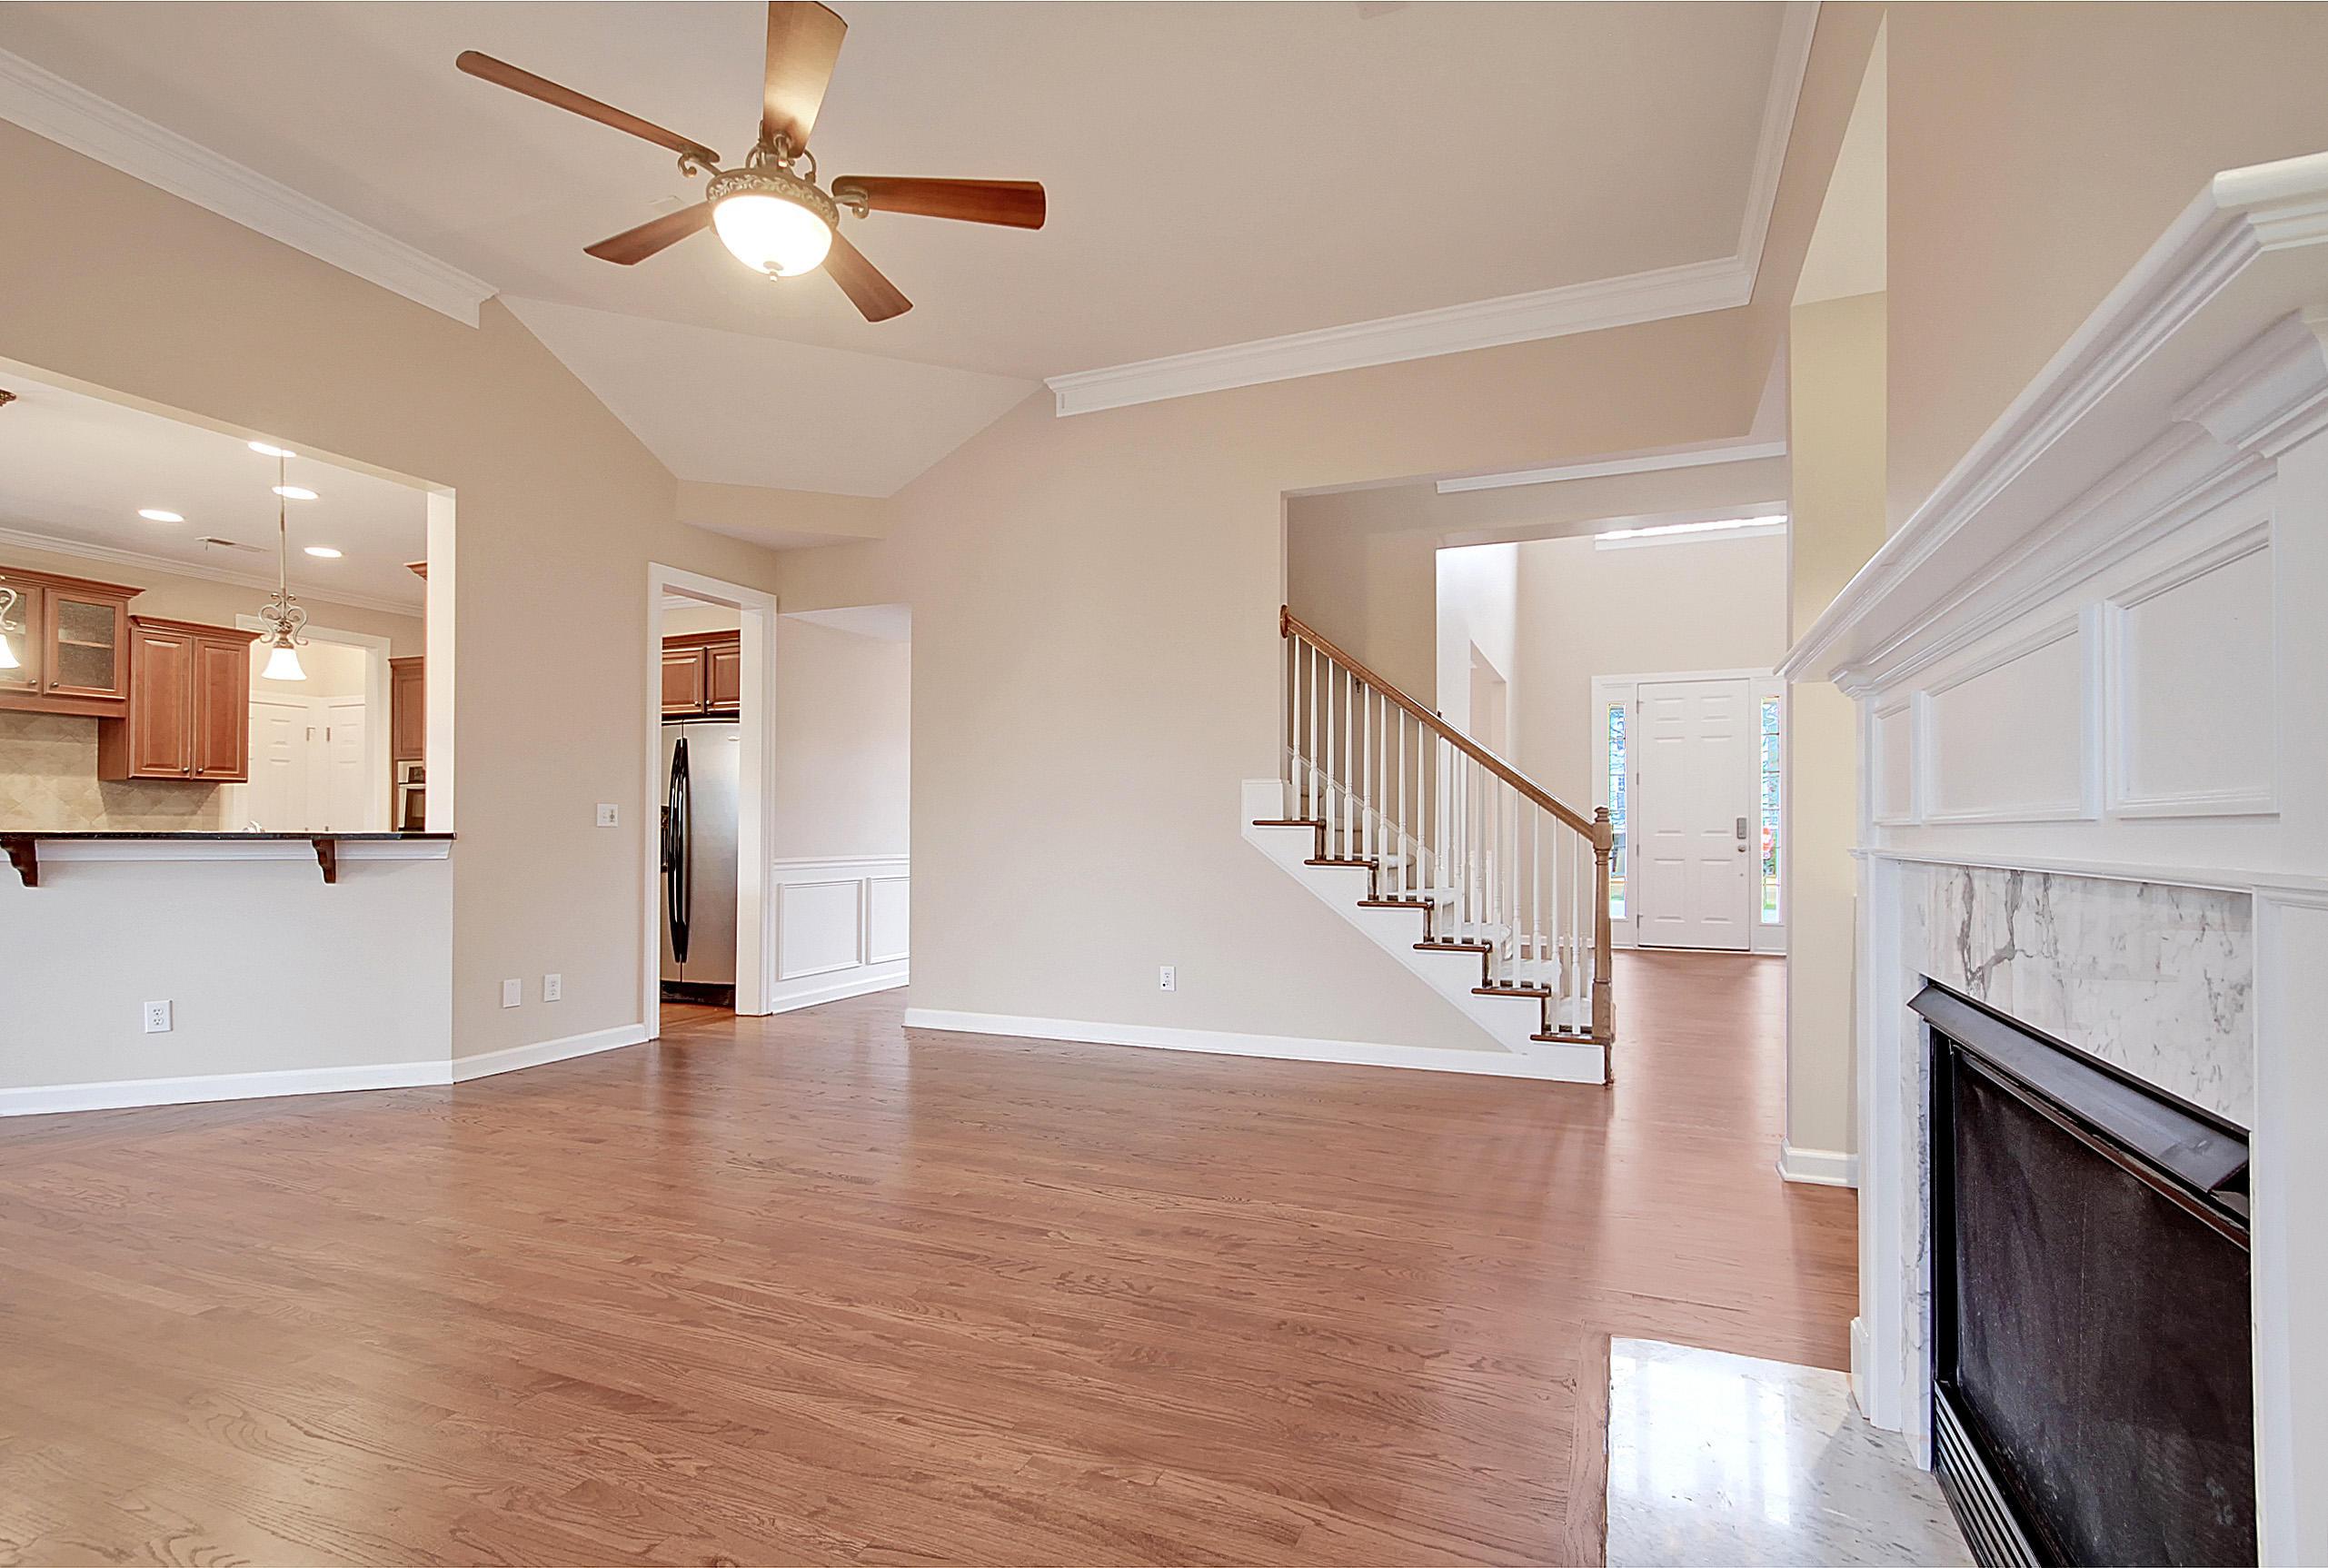 Dunes West Homes For Sale - 1501 Jacaranda, Mount Pleasant, SC - 13